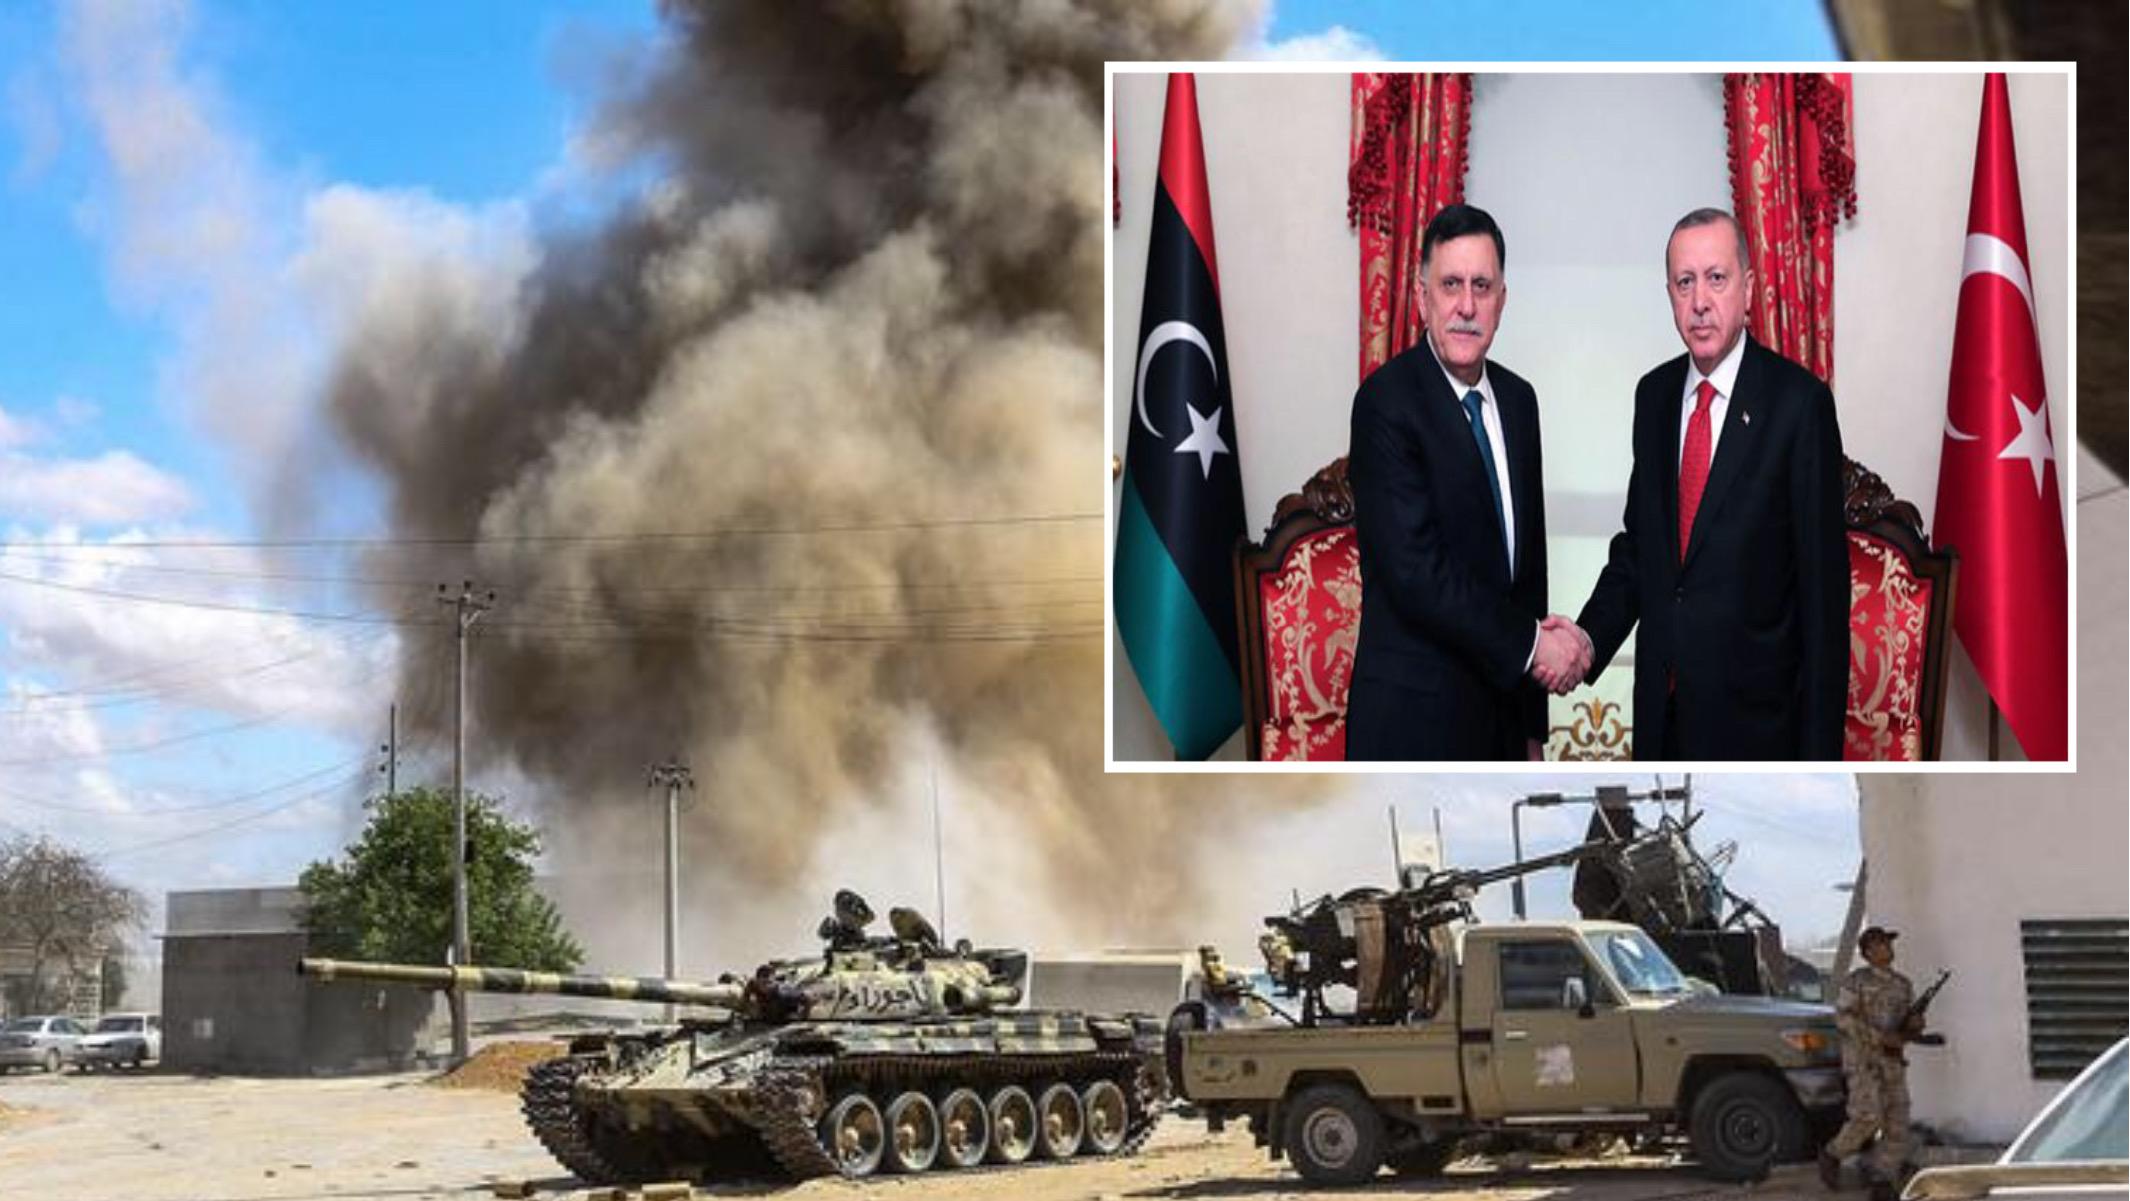 Photo of خلافات تركية وأوربية جديدة وأردوغان يخطط لارسال قوات تركية الى طرابلس